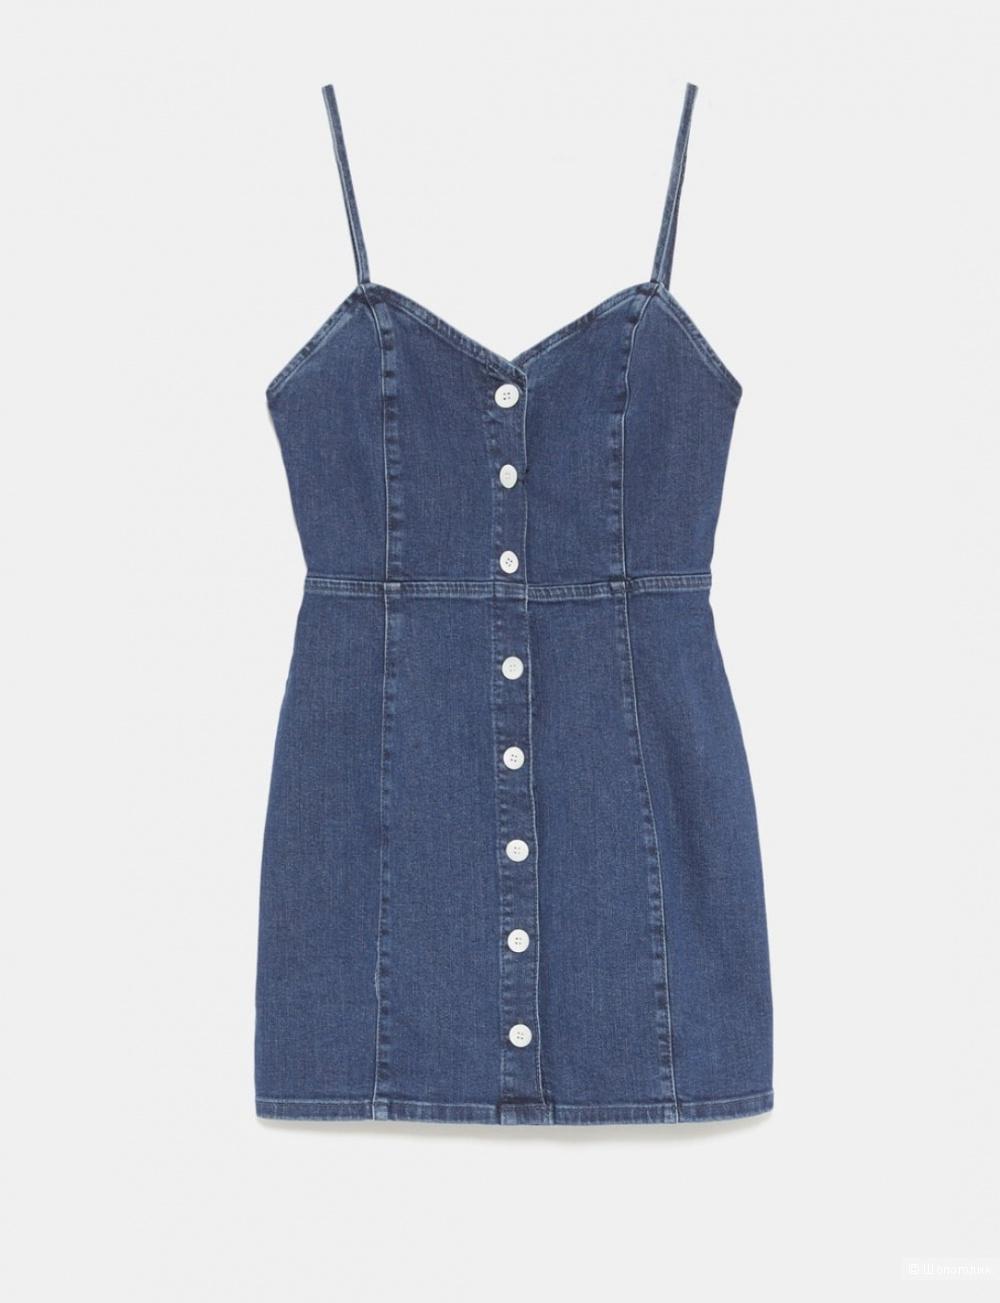 Джинсовое платье ZARA размер s